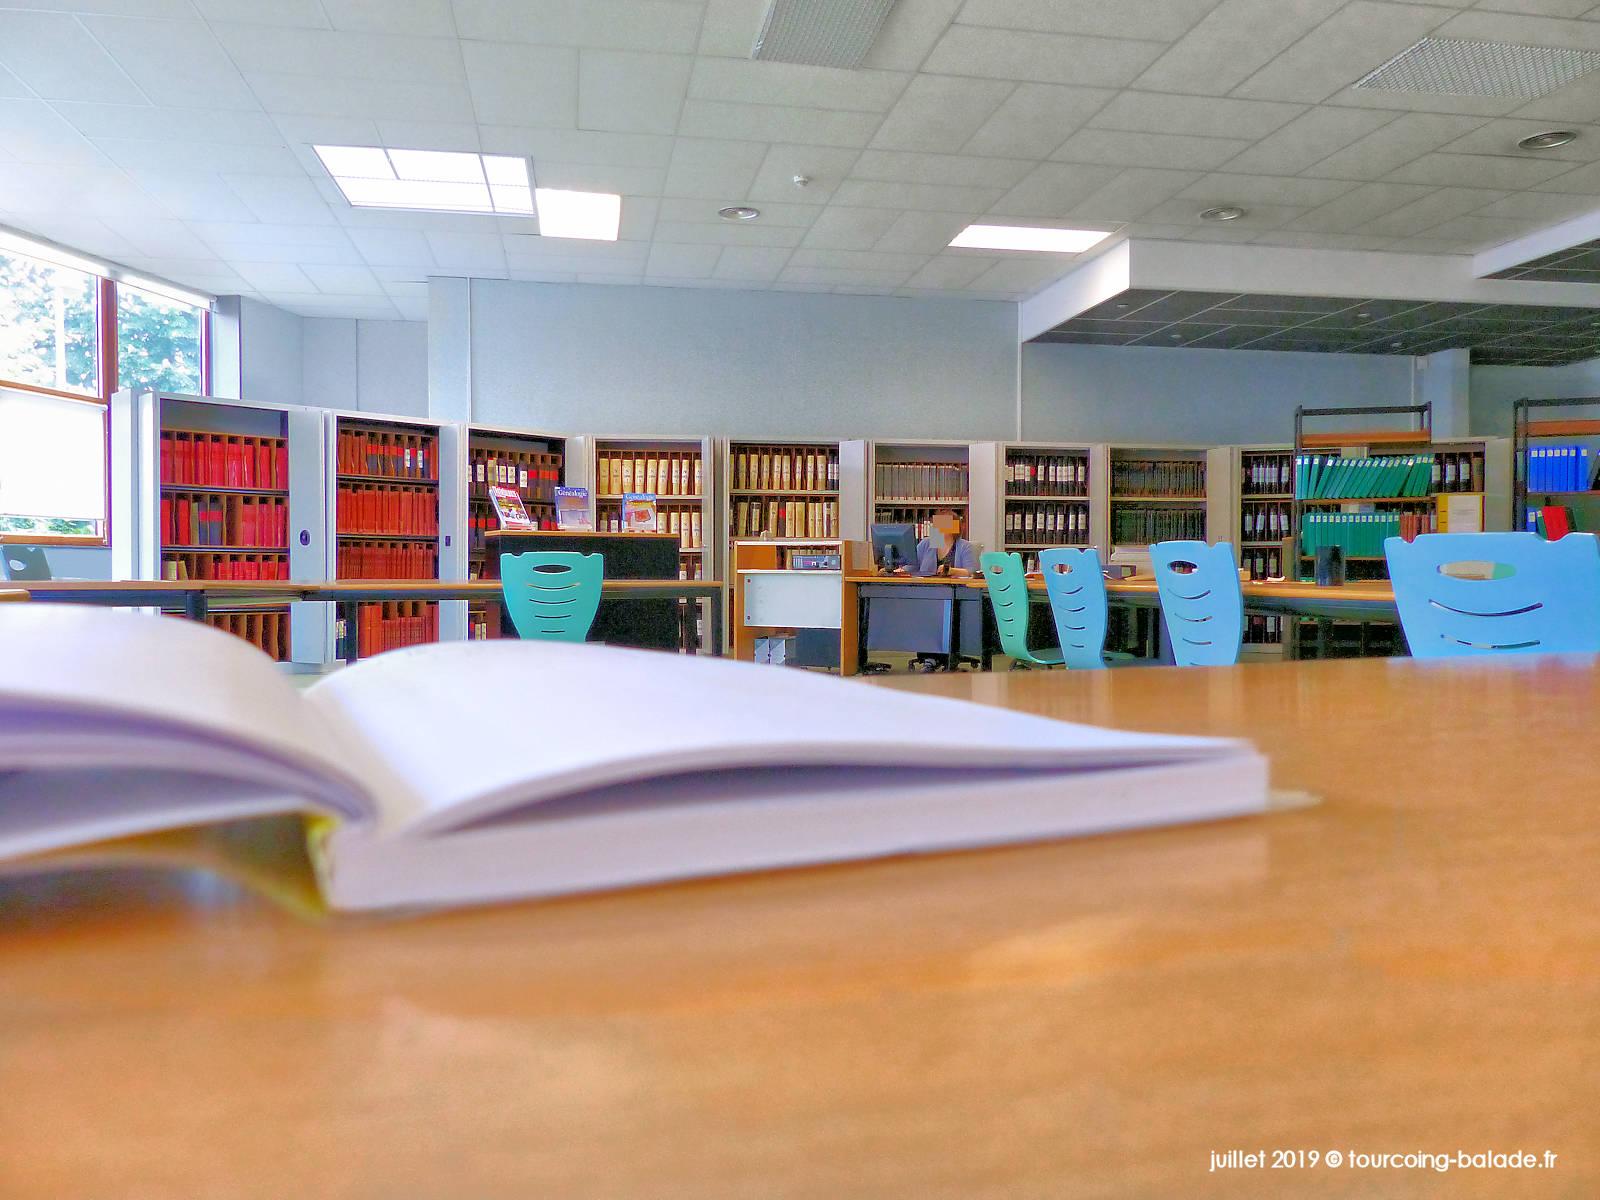 Archives municipales Tourcoing - Salle d'étude